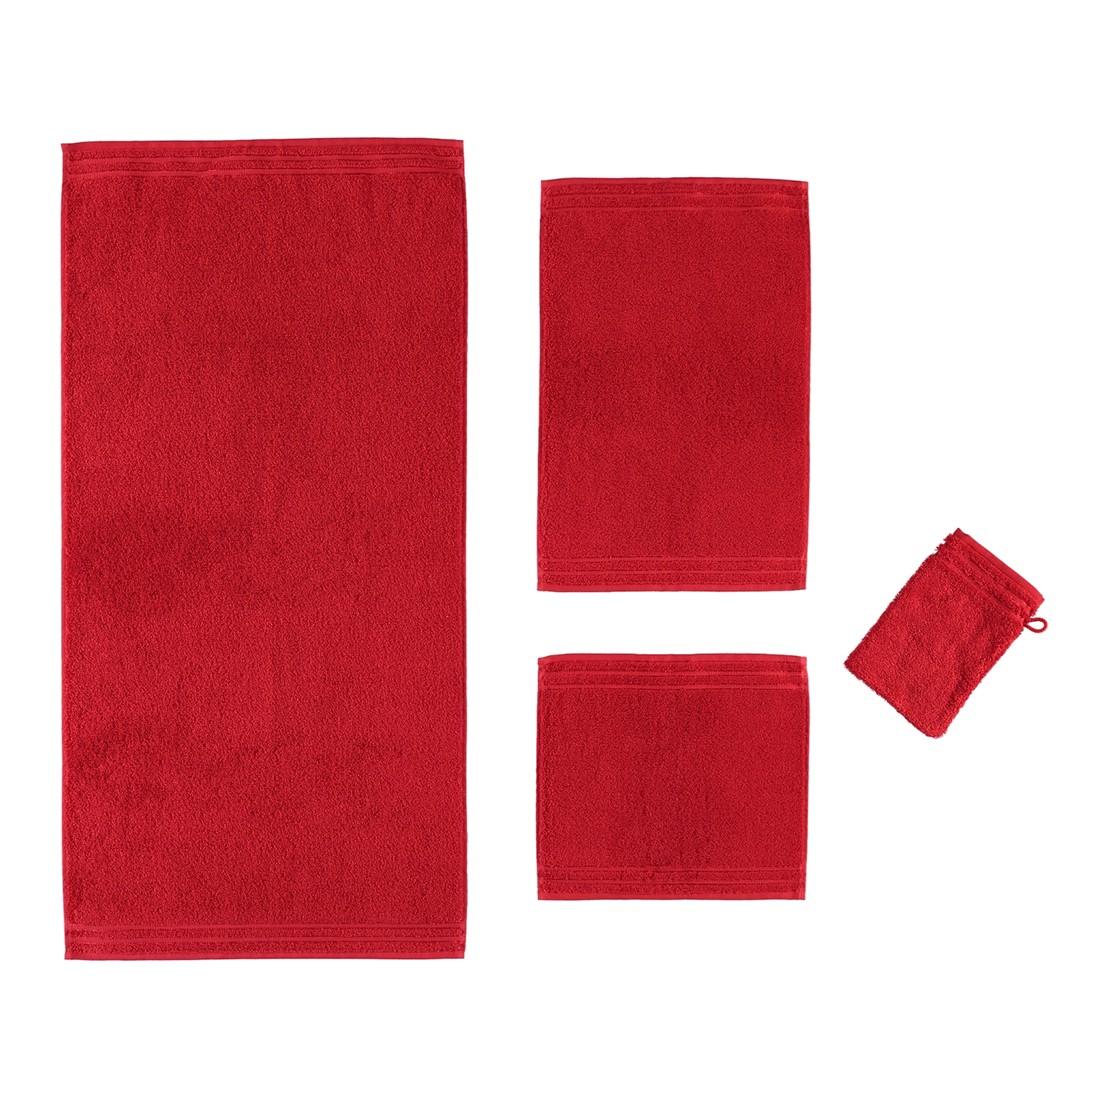 Handtuch Calypso Feeling – 100% Baumwolle Purpur – 3705 – Handtuch: 50 x 100 cm, Vossen günstig bestellen